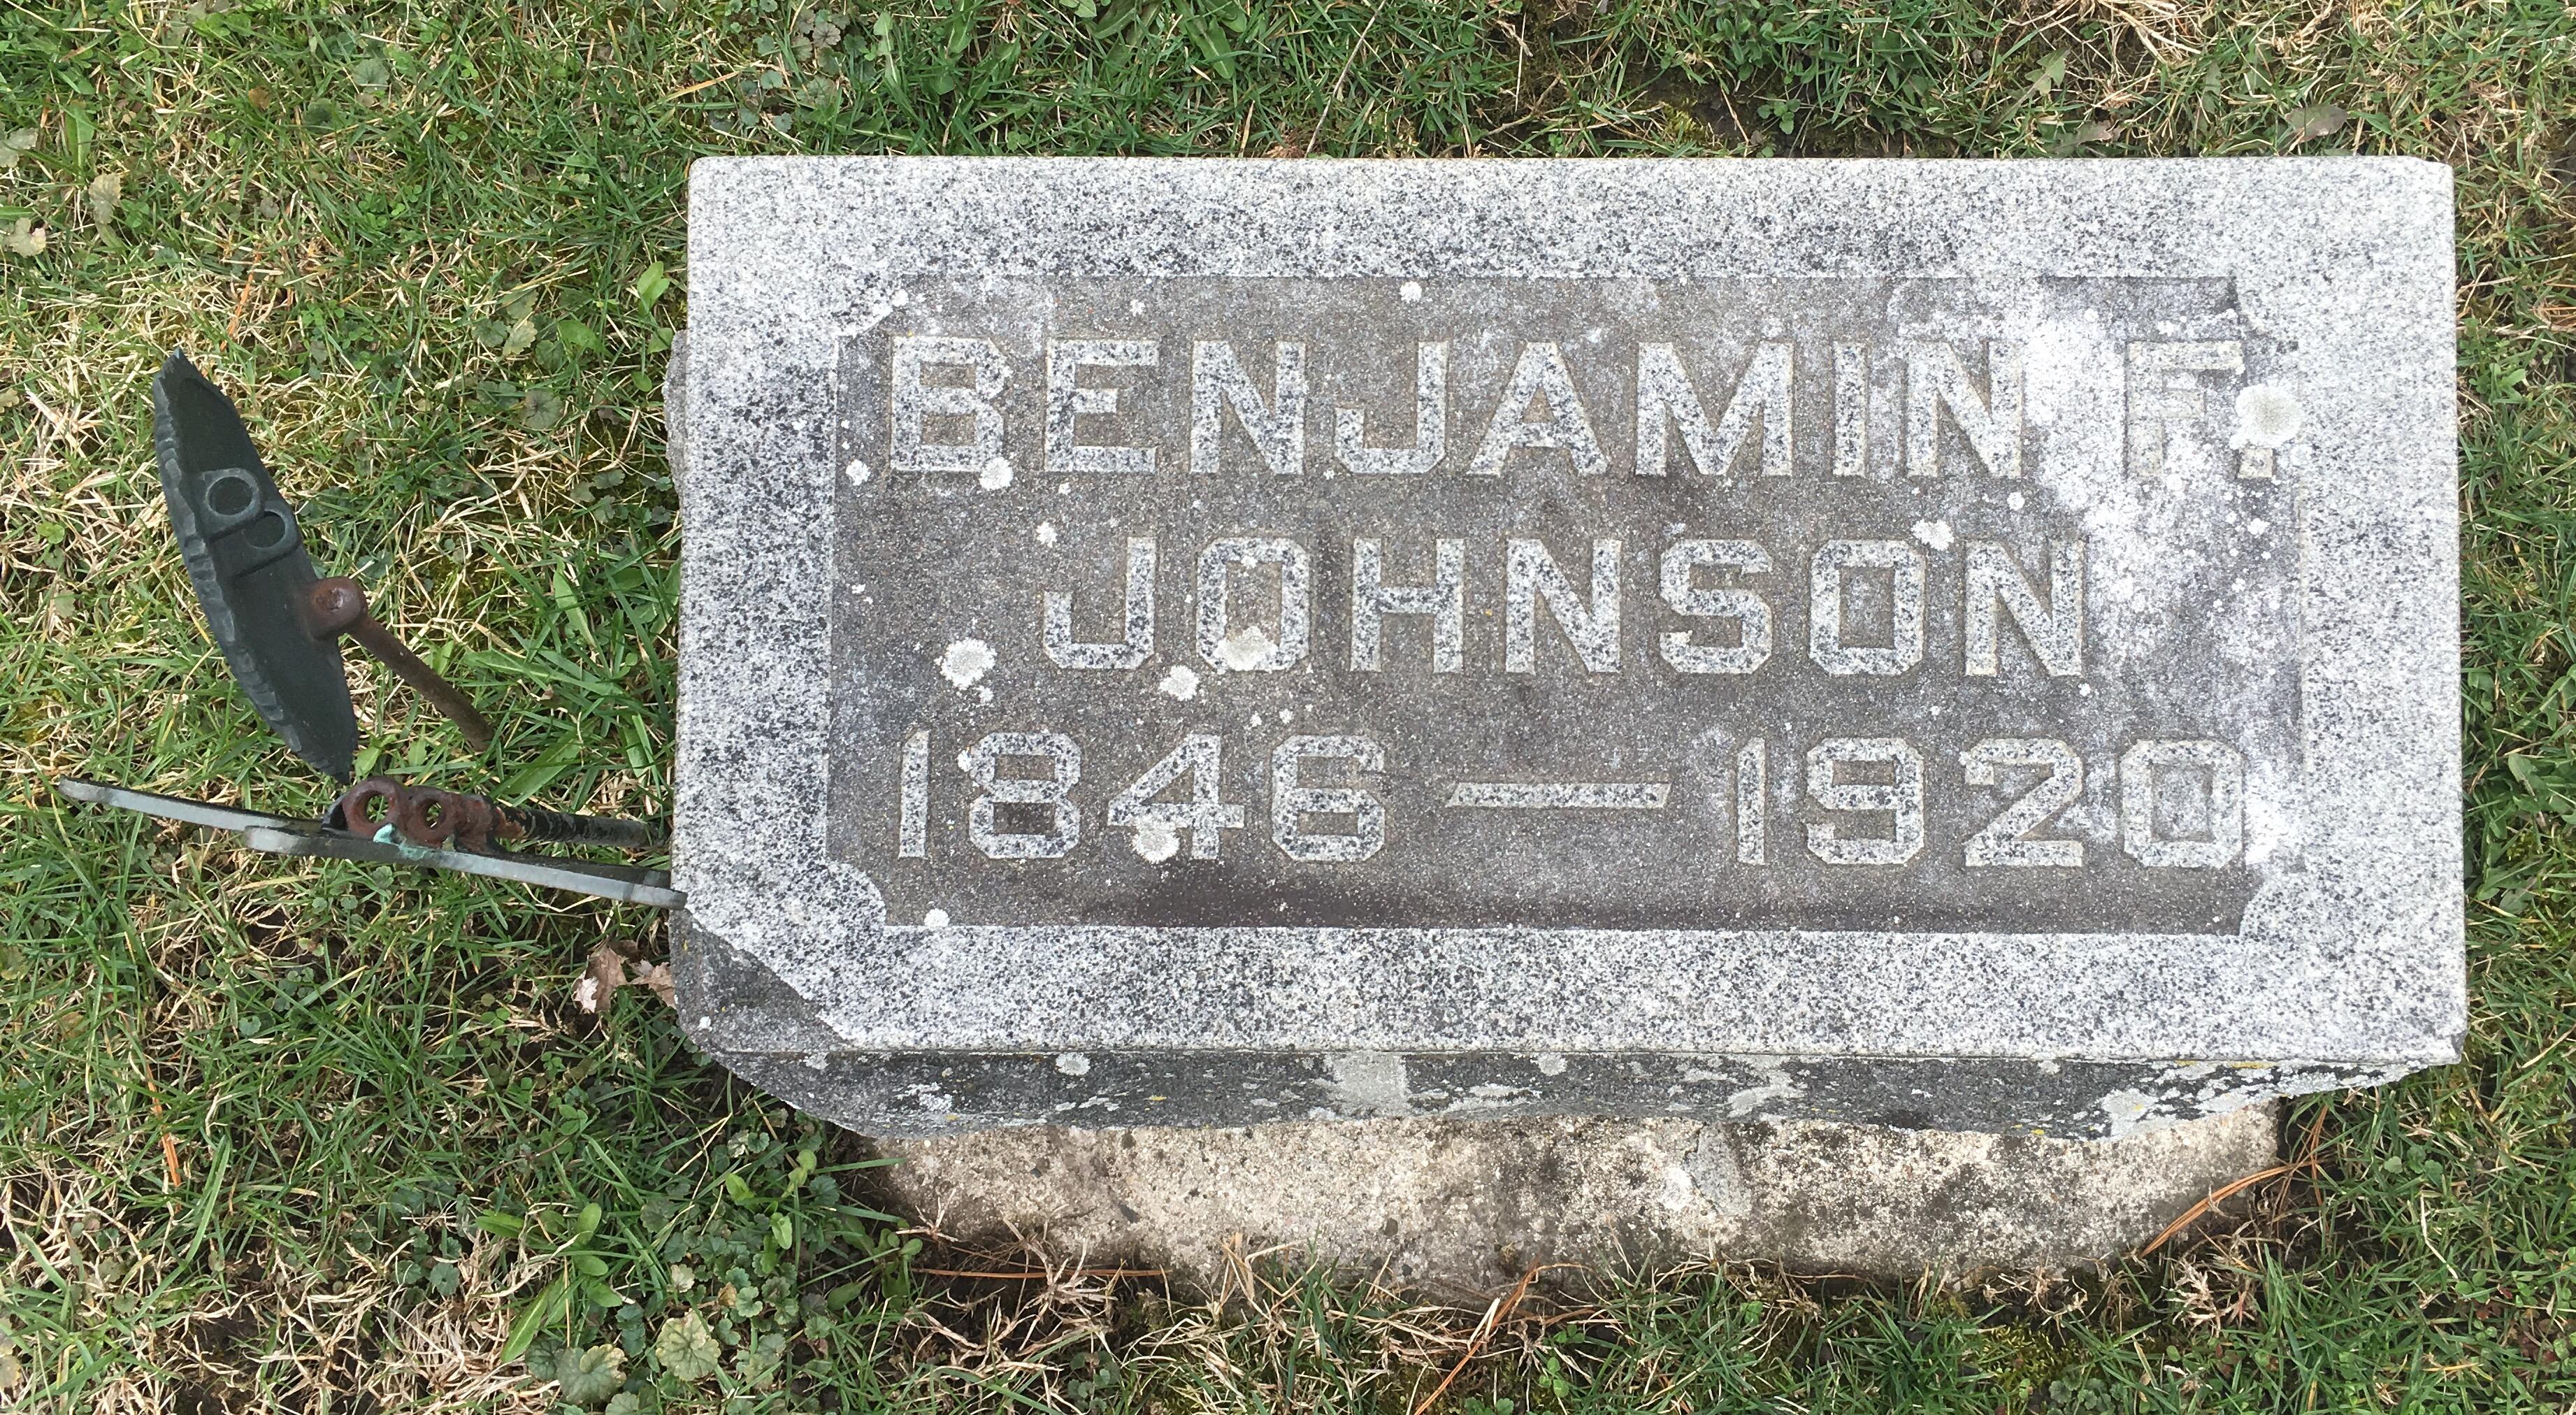 Benjamin F Johnson Gravestone